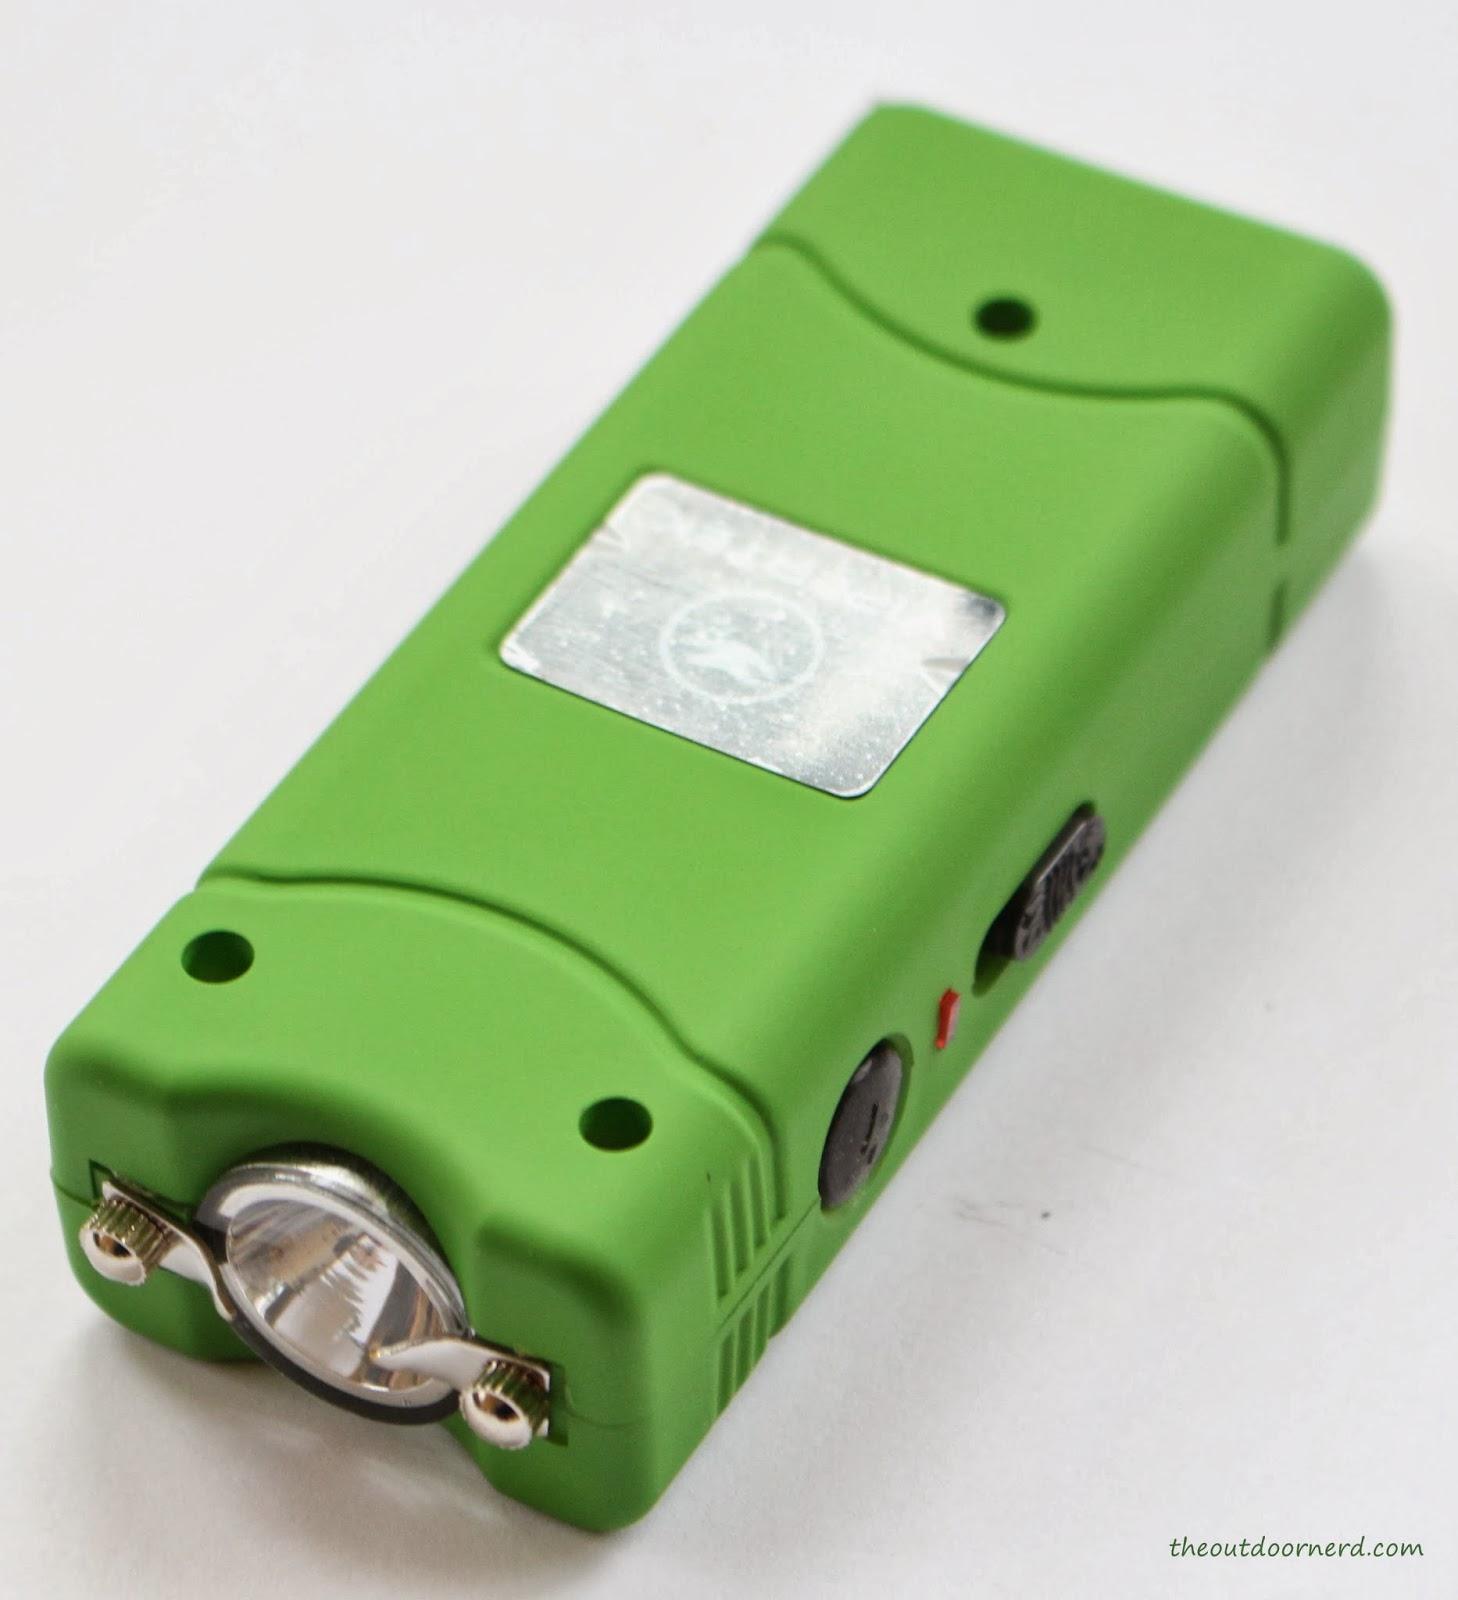 Vipertek VTS-881: Closeup Of Green Model 2